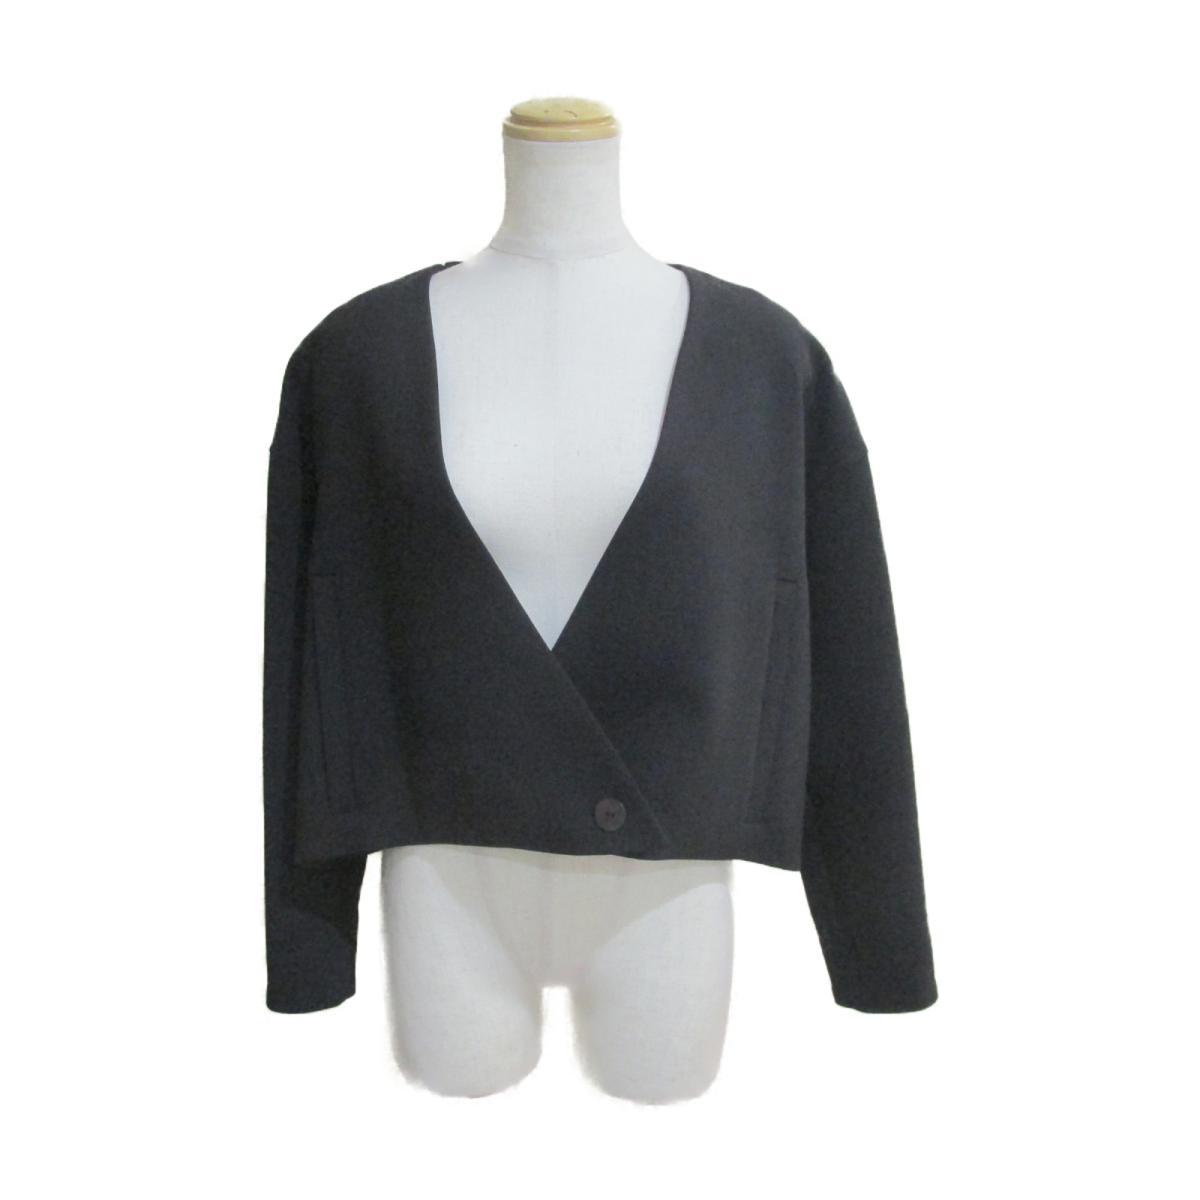 【中古】バレンシアガ ショート丈 ノーカラー ジャケット レディース 98%ウール×2%ポリウレタン ブラック